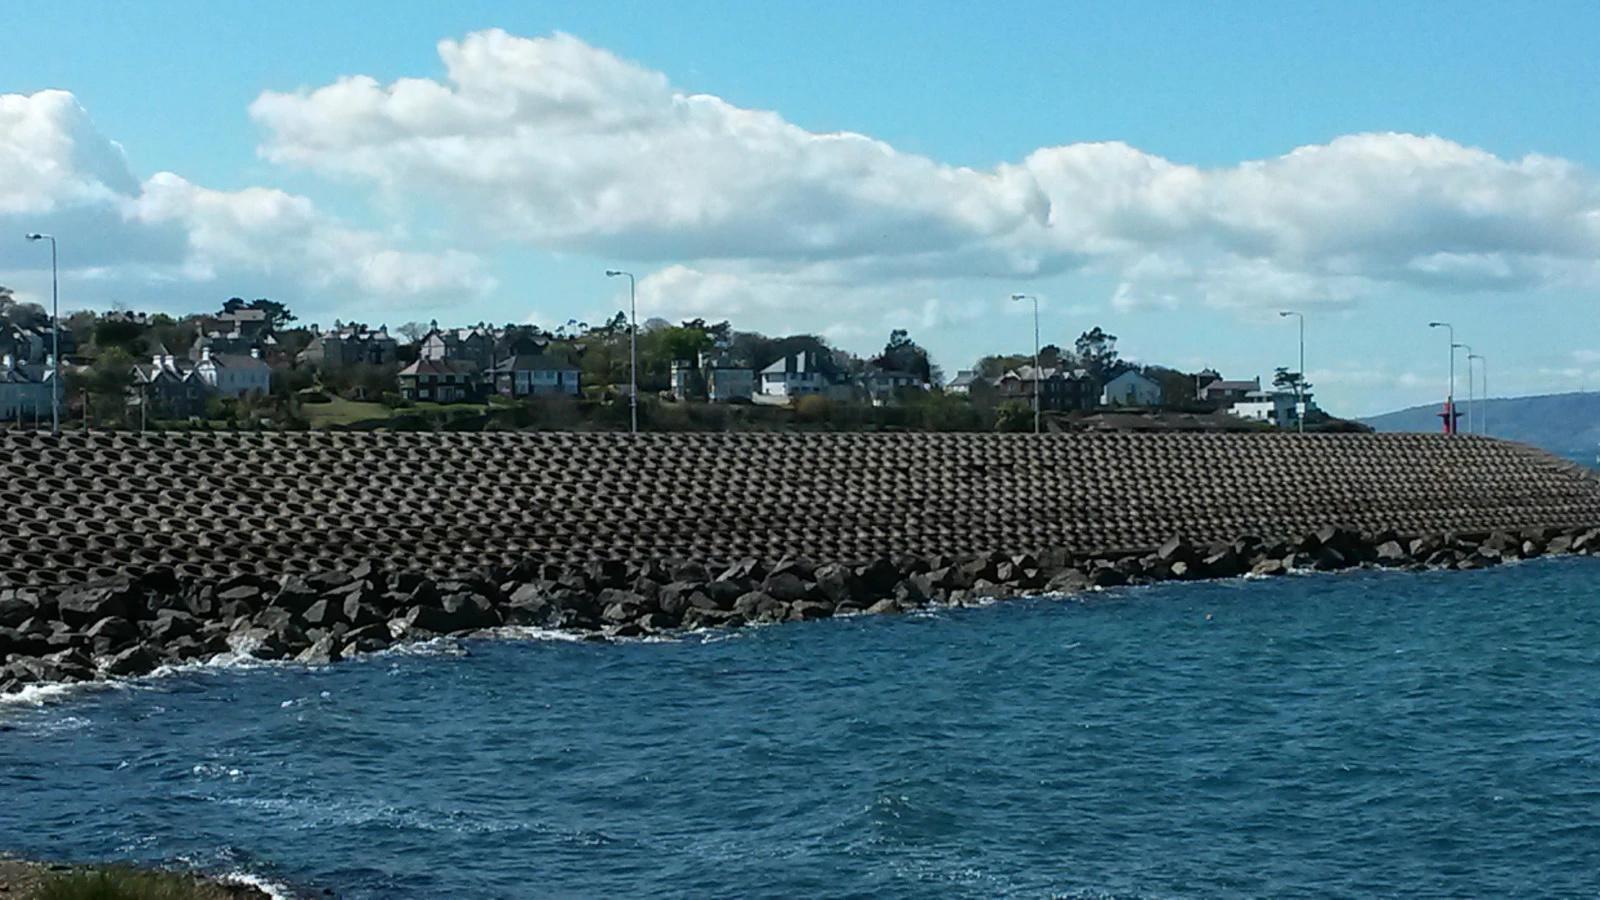 bangor的街景与爱尔兰海边城市相似,但是不同于苏格兰.